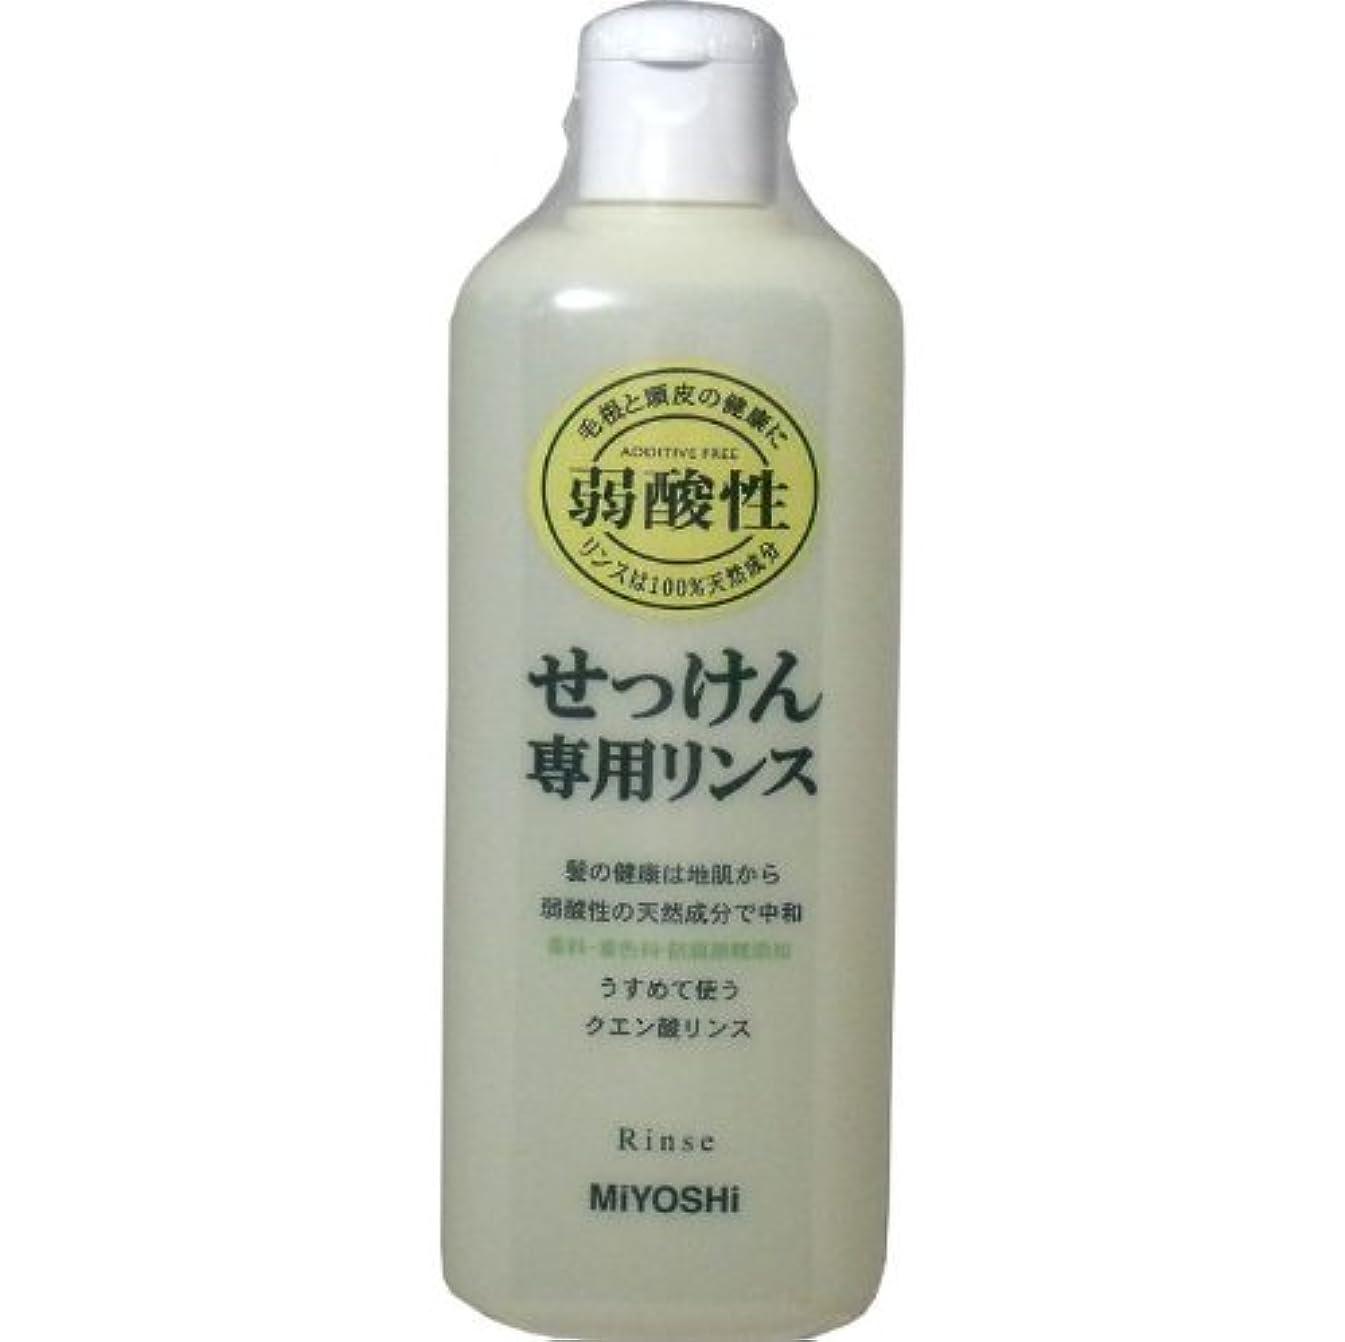 通り抜けるジム夕方髪の健康は地肌から、弱酸性の天然成分で中和!!香料、防腐剤、着色料無添加!うすめて使うクエン酸リンス!リンス 350mL【4個セット】